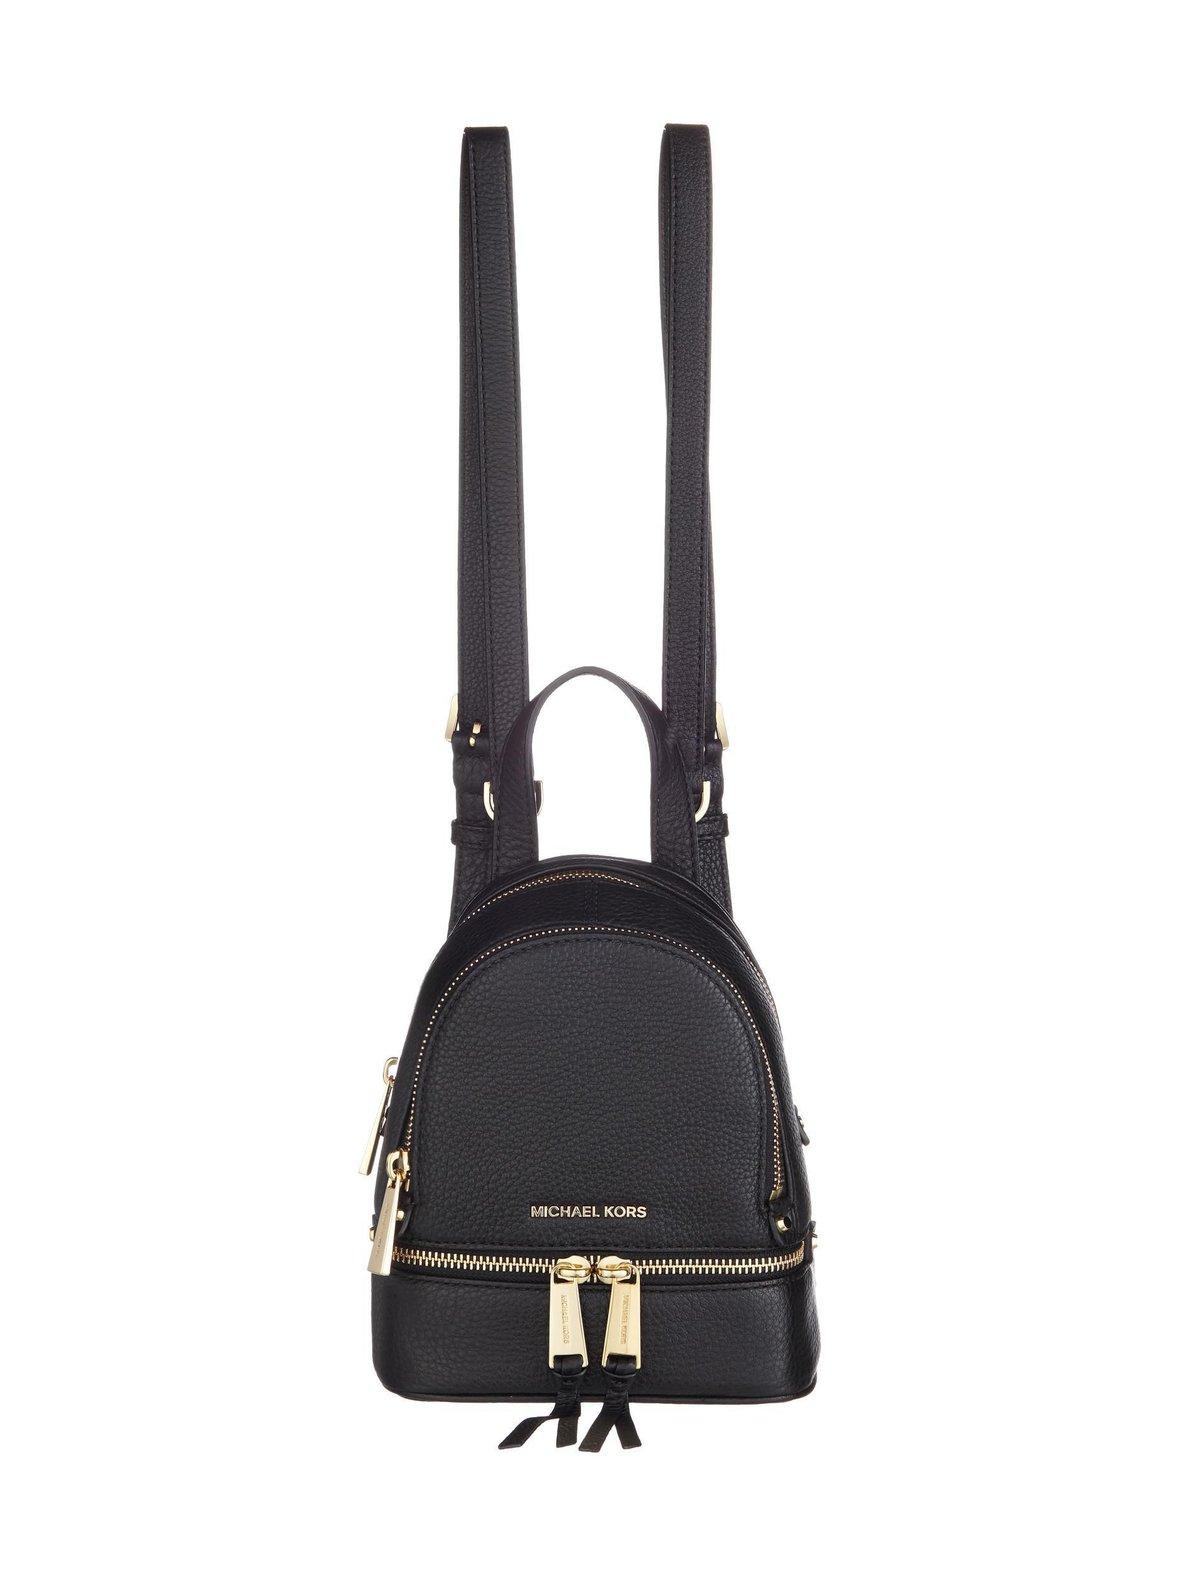 43ec0ca24352 Rhea Mini Backpack -nahkareppu. Rhea Mini Backpack -nahkareppu. 12. Michael  Michael Kors